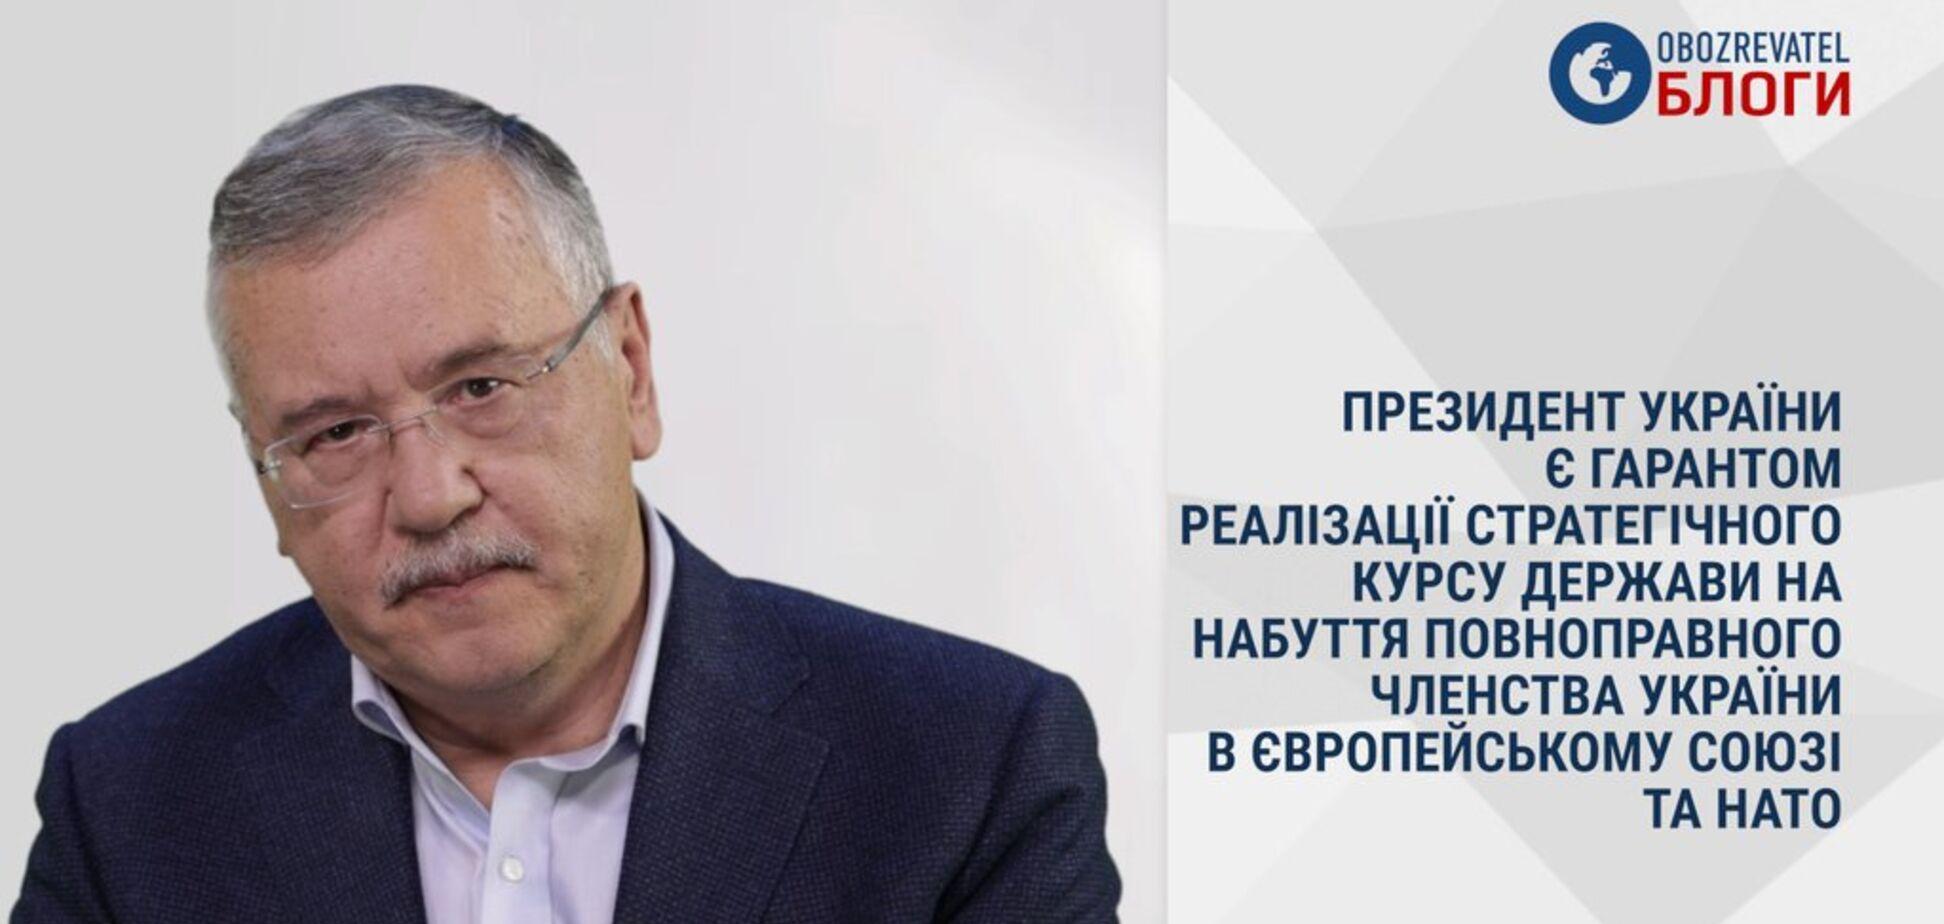 Анатолій Гриценко: Президент України є гарантом реалізації стратегічного курсу держави на набуття повноправного членства України в Європейському Союзі та НАТО